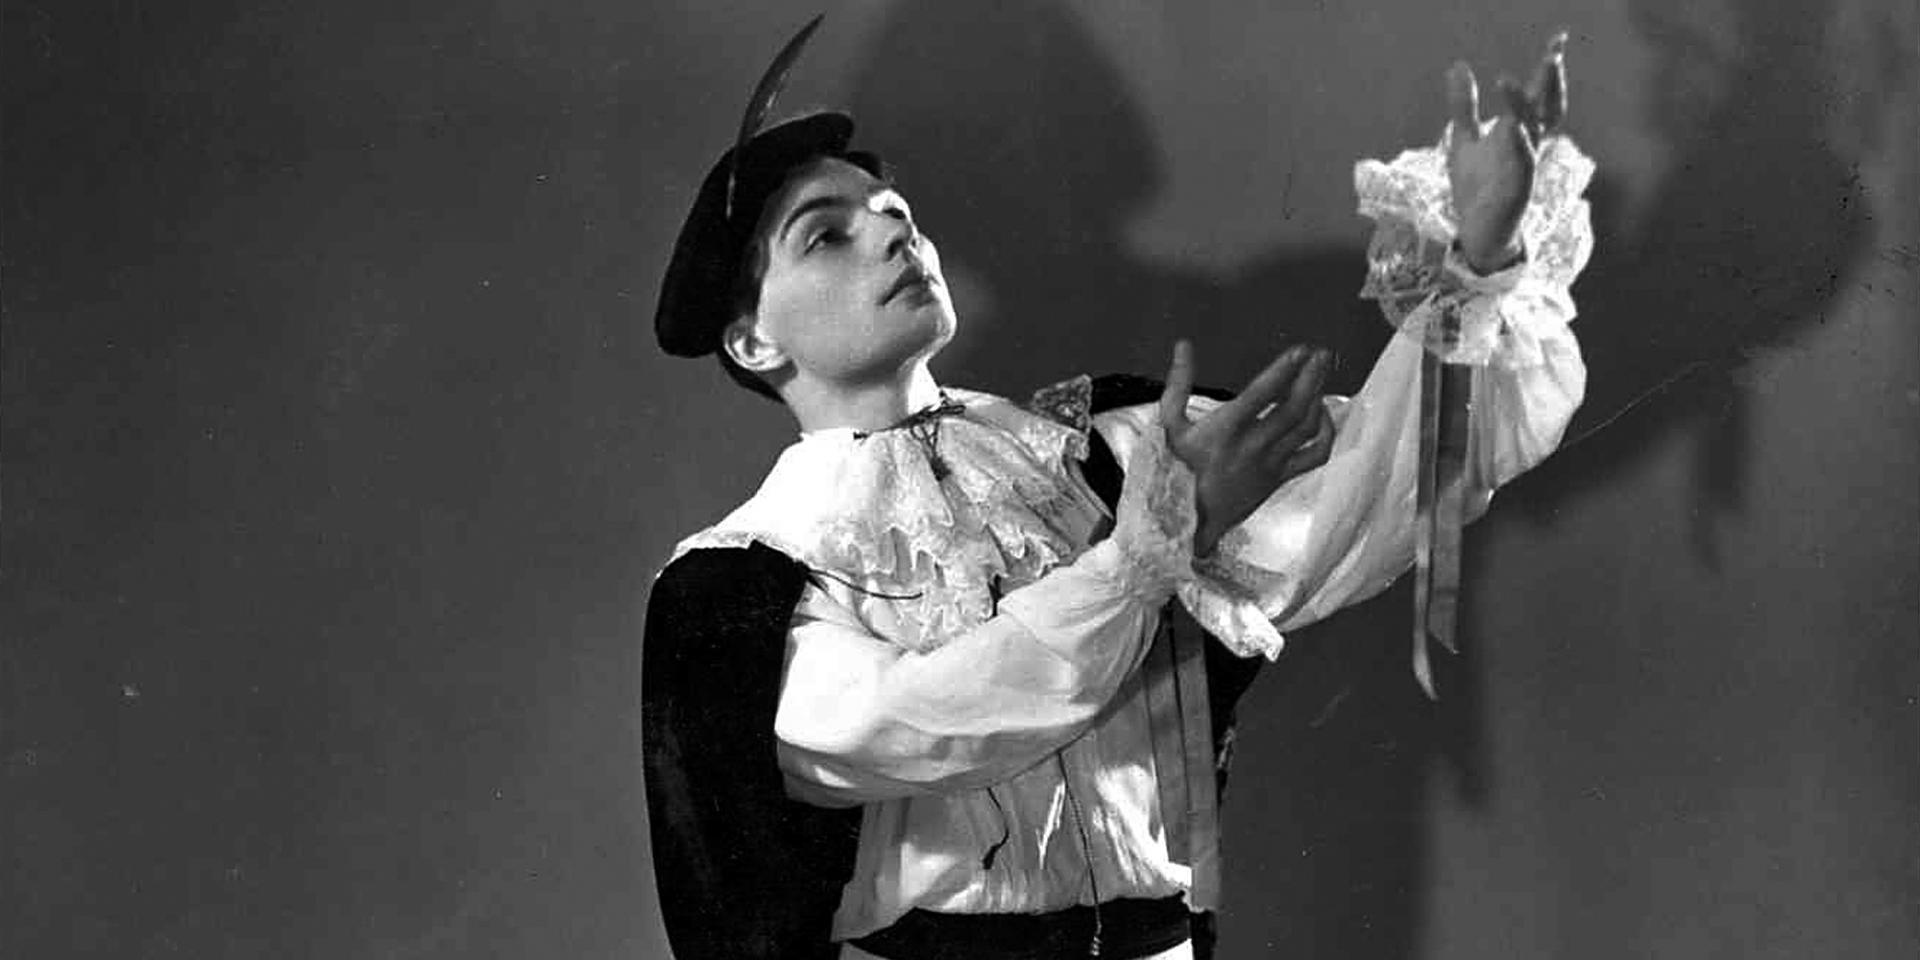 Alberto Testa in Serenata dal Don Giovanni di Mozart (1948)